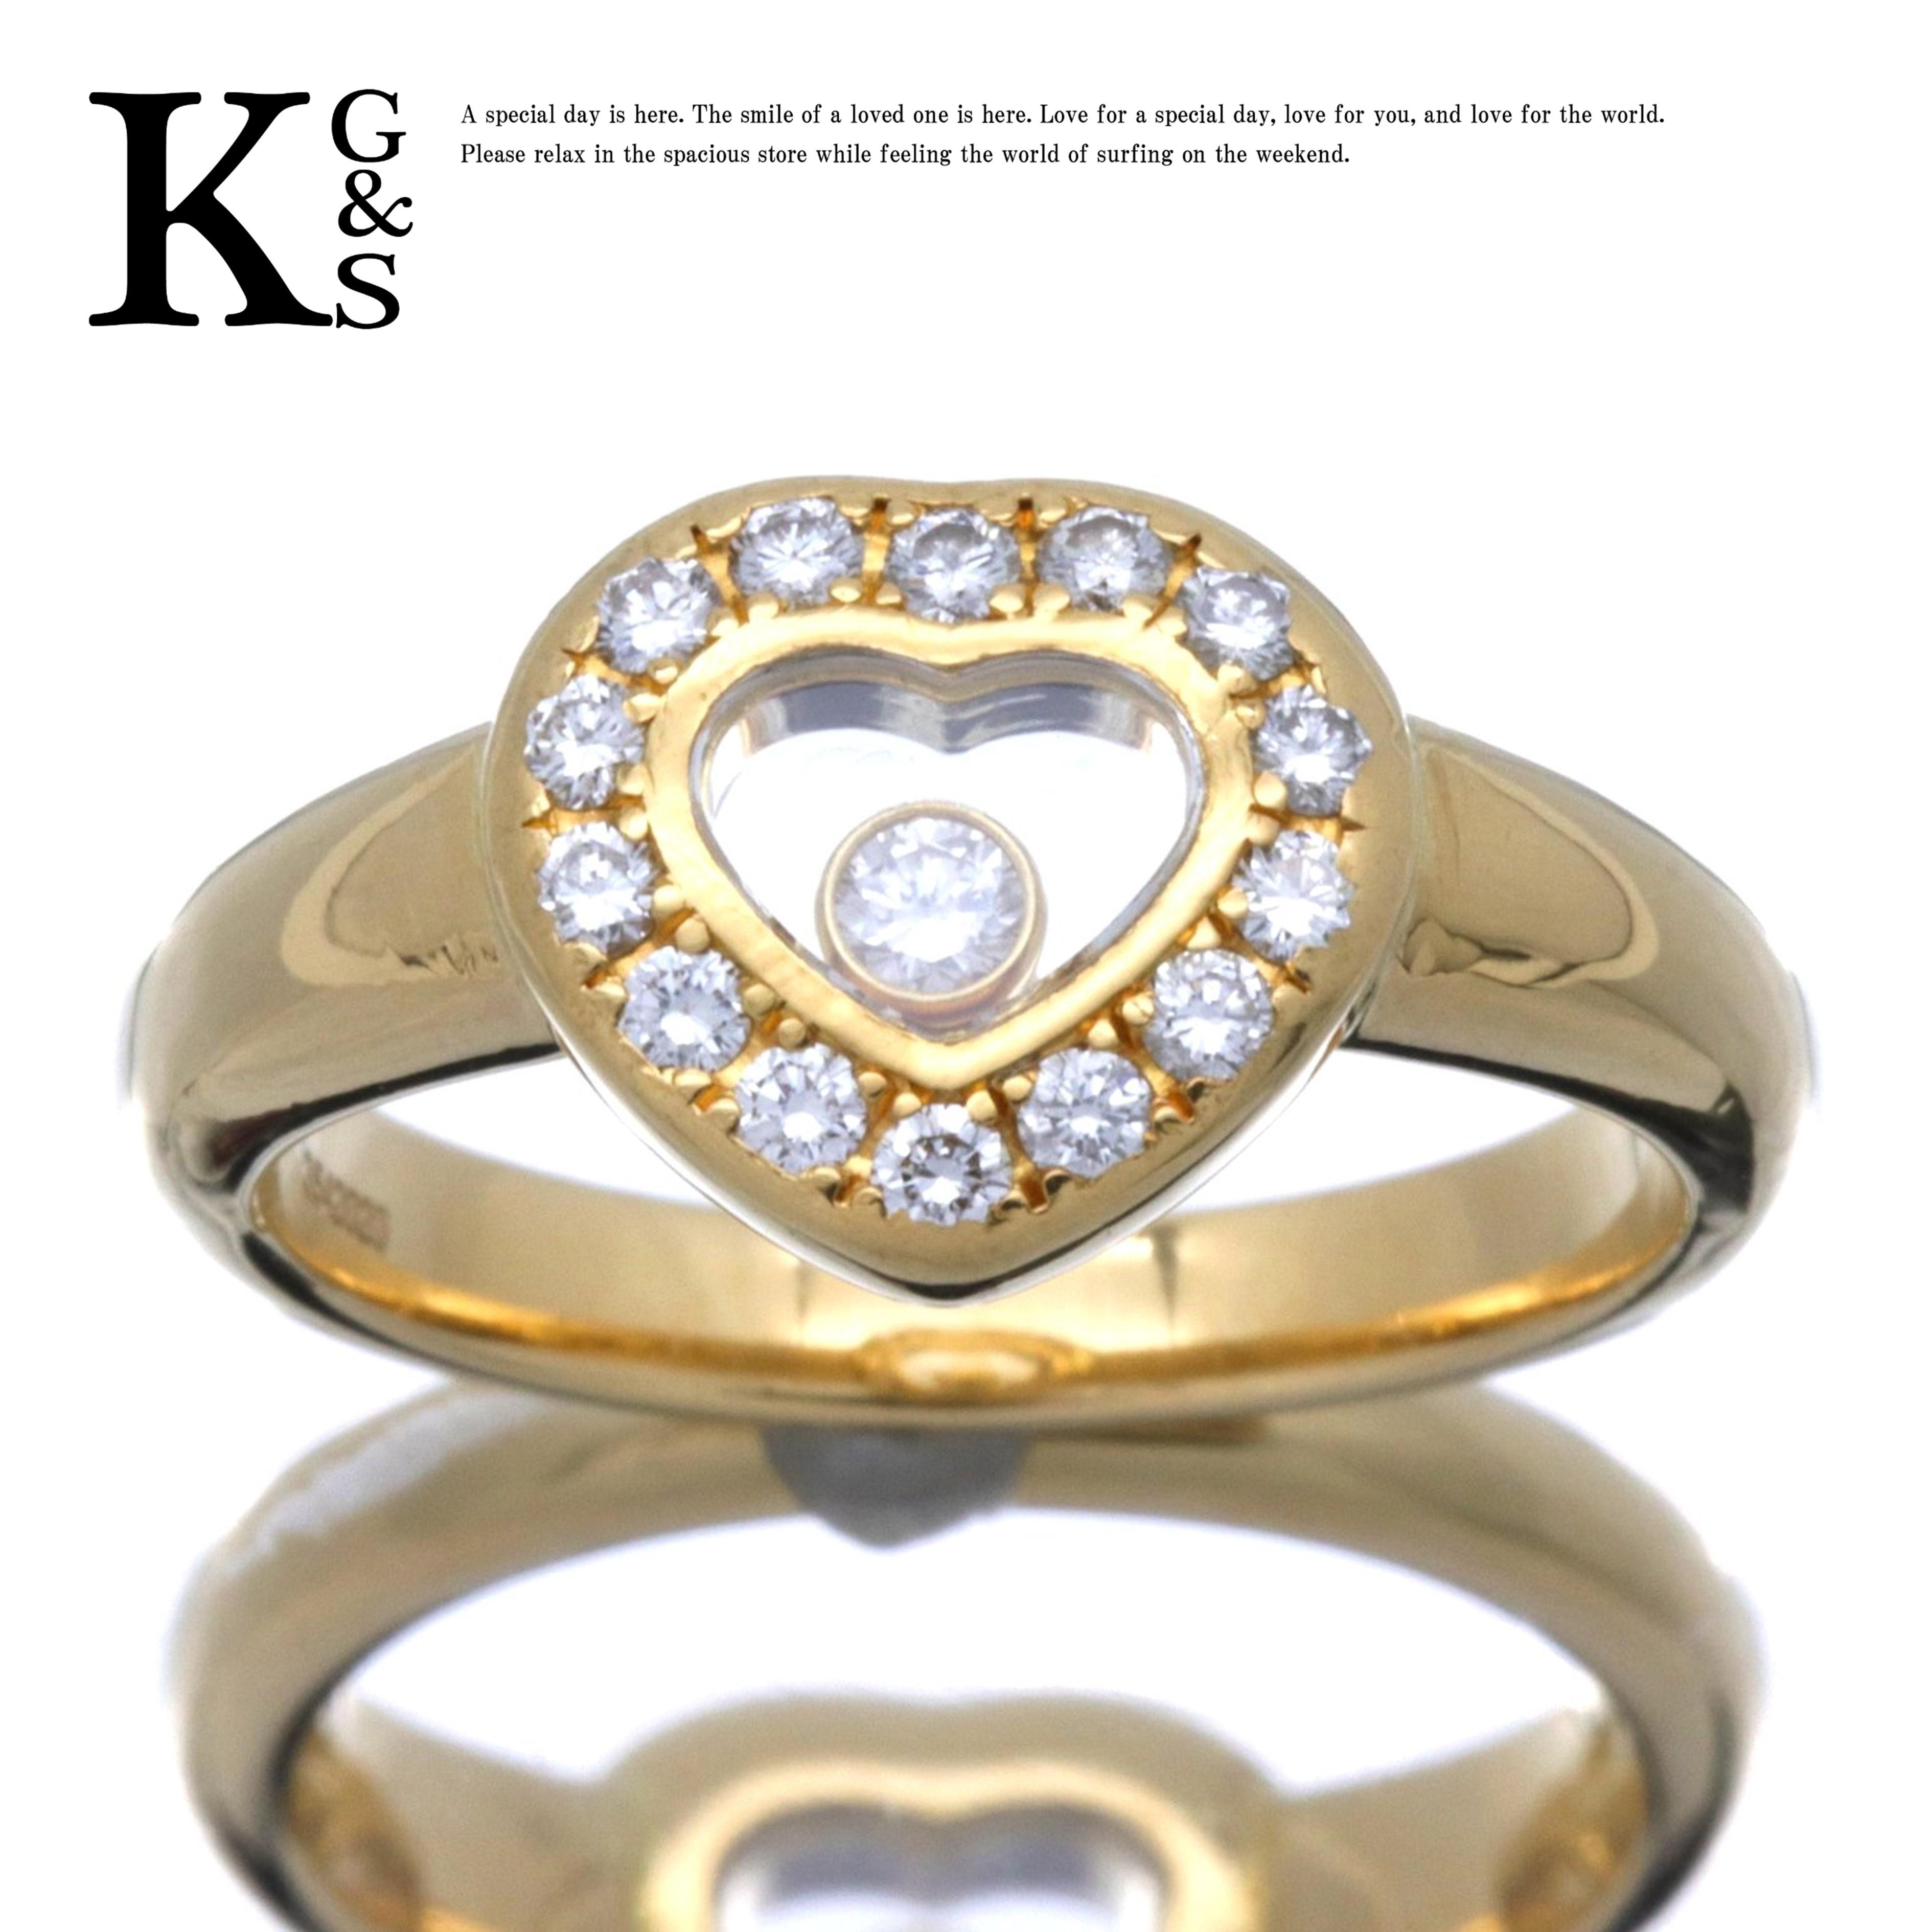 【ギフトランク】ショパール/Chopard レディース ジュエリー リング/指輪 ハッピーダイヤモンド アイコンリング K18YG イエローゴールド ハートモチーフ